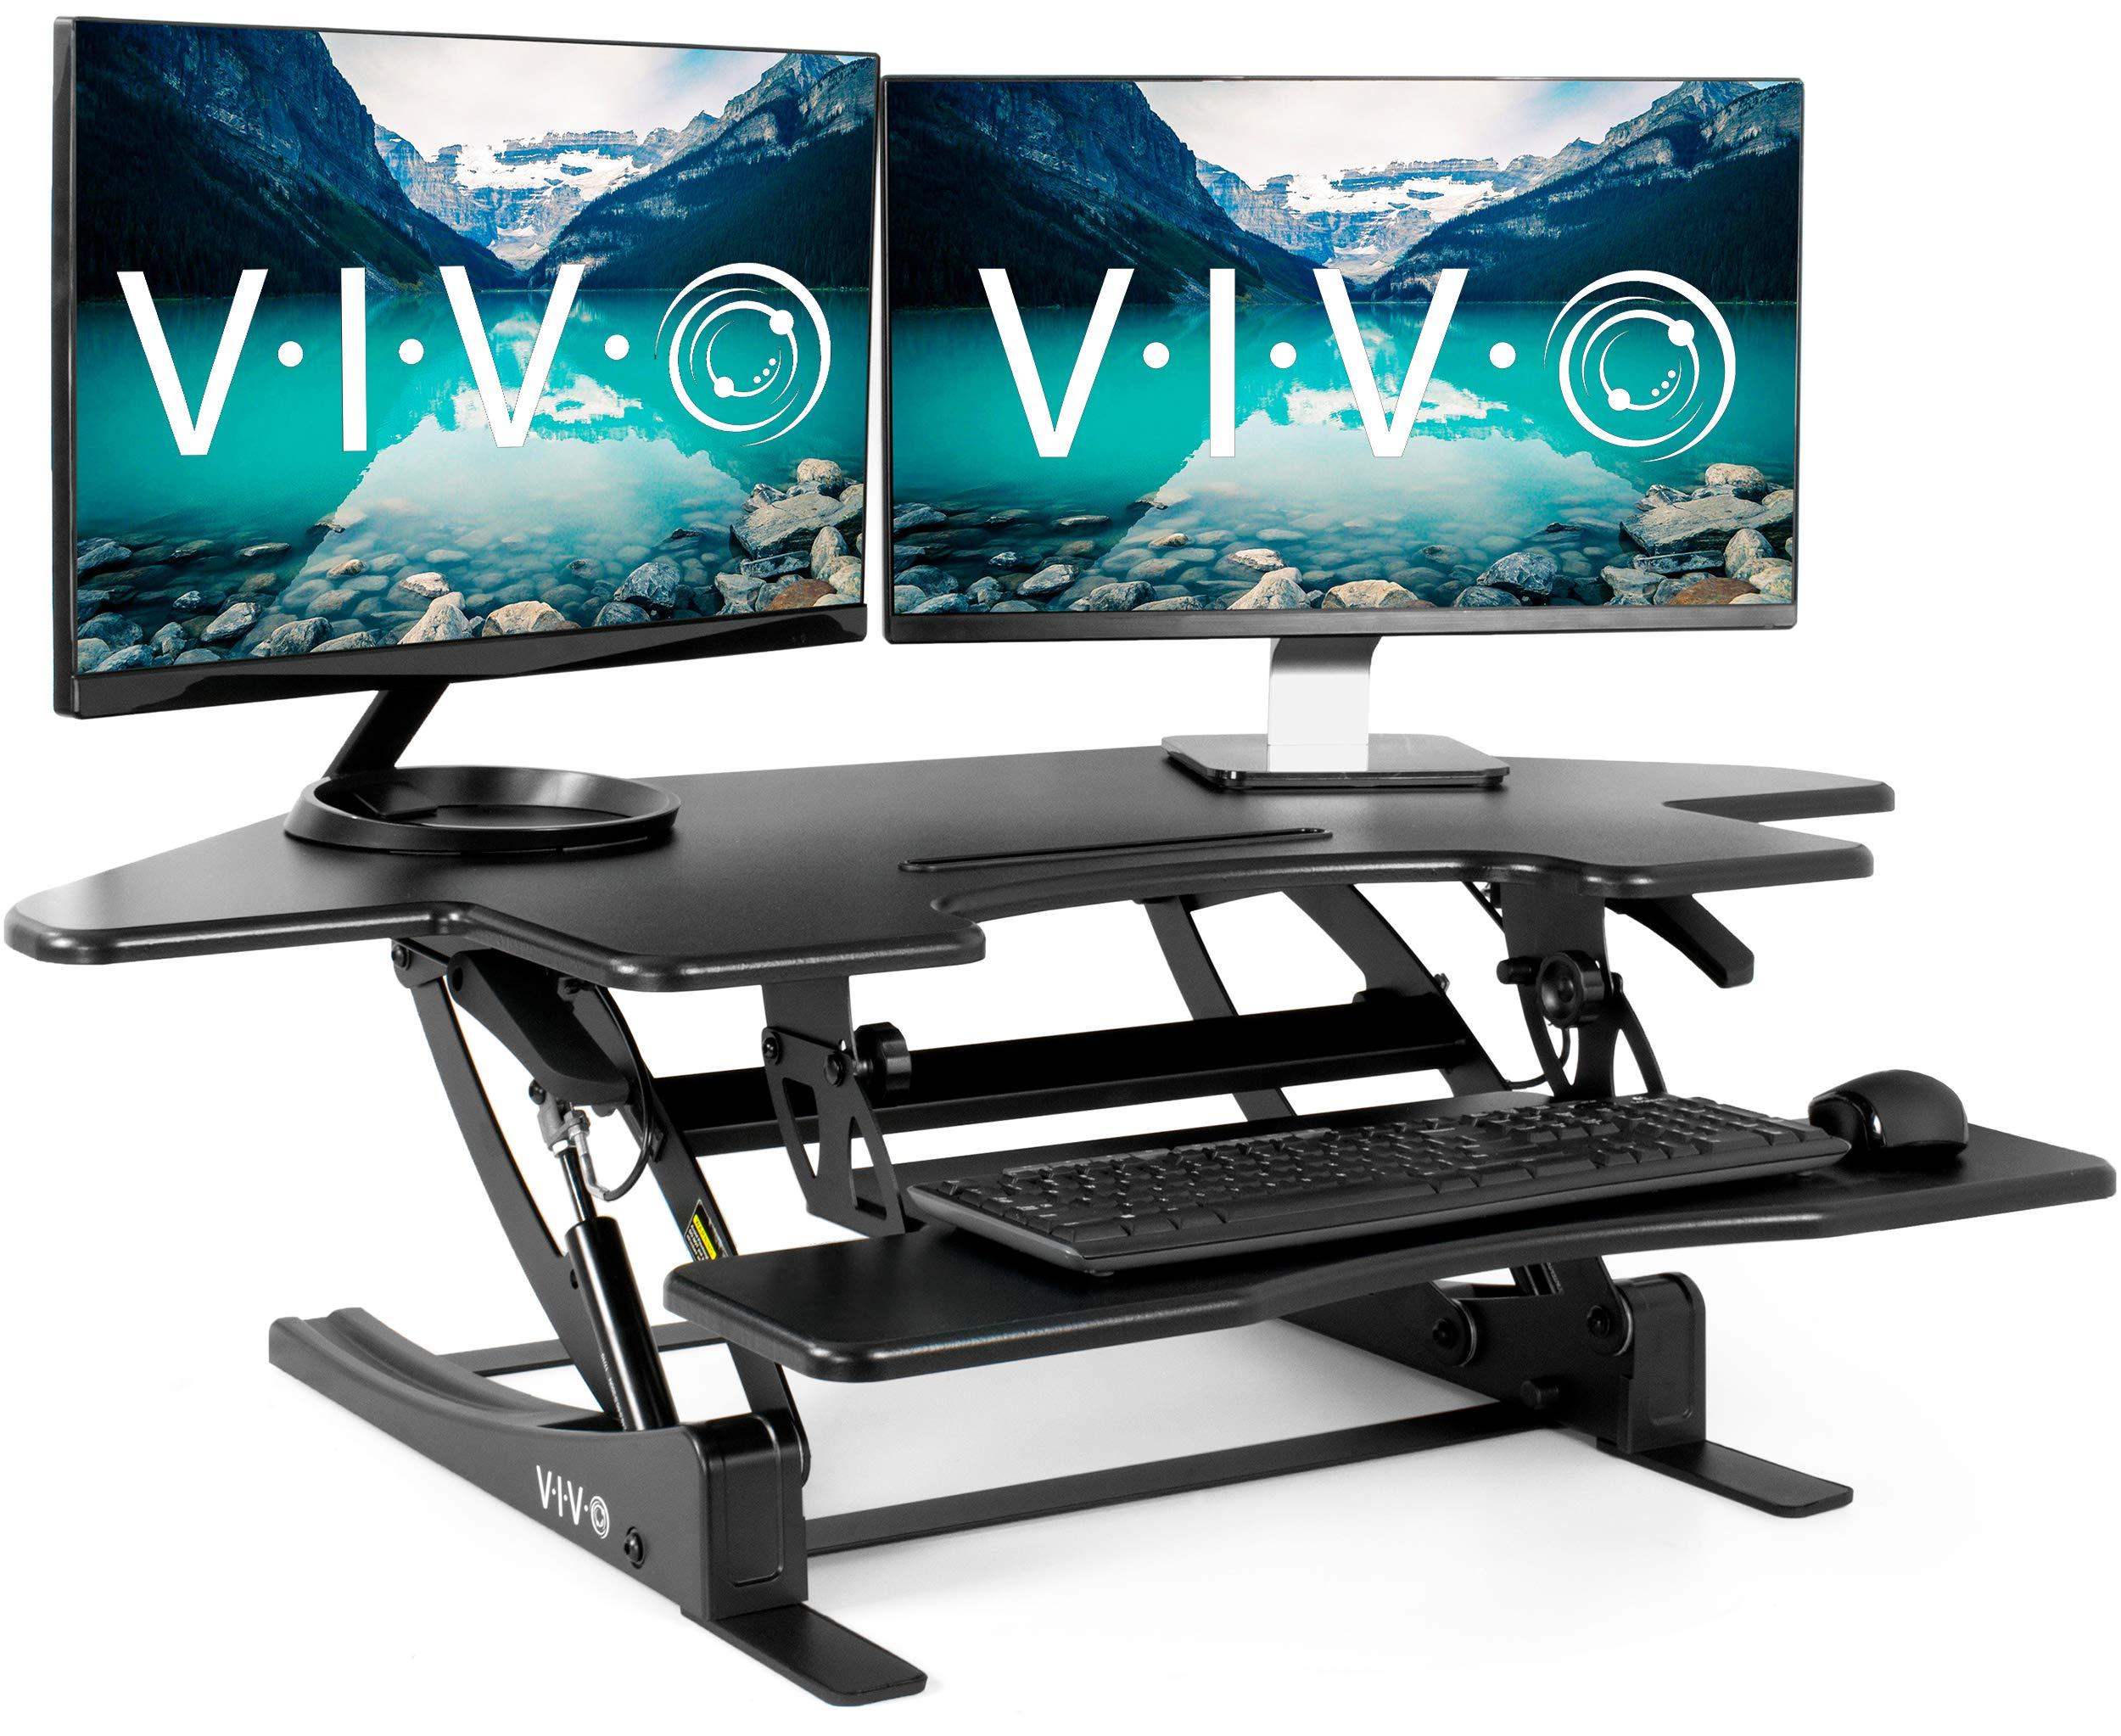 VIVO Black Corner Standing Height Adjustable Cubicle Sit to Stand - 43.5'' Wide Tabletop Desk Riser (DESK-V000VC)